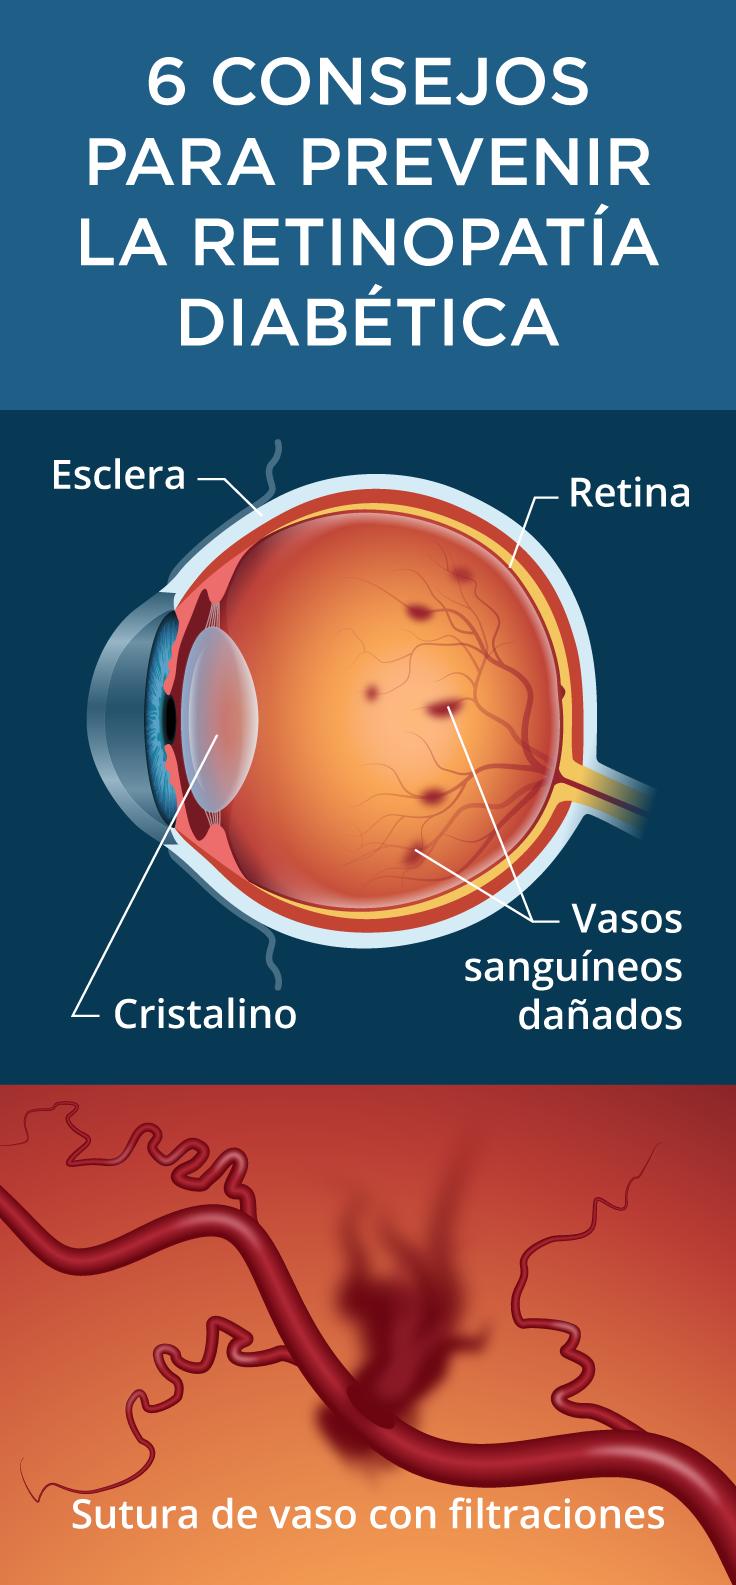 perrillas en el ojo sintomas de diabetes